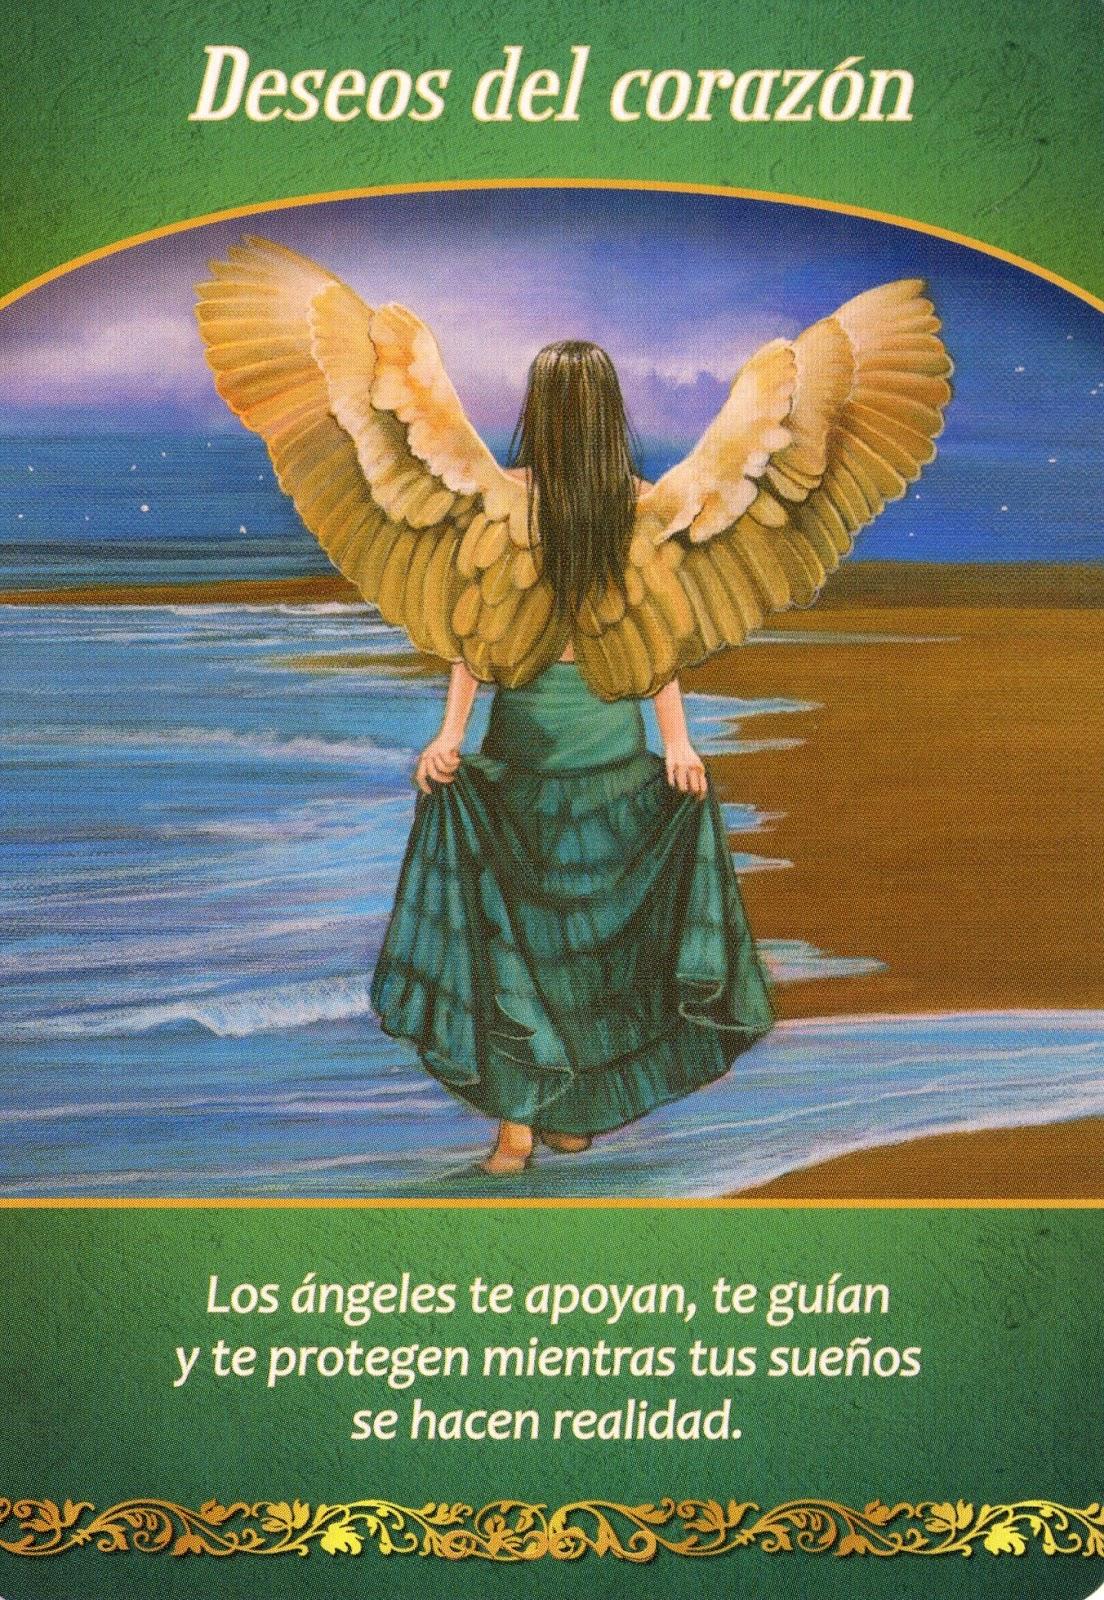 Deseos Del Corazon Heart Wishes/ Deseos Del